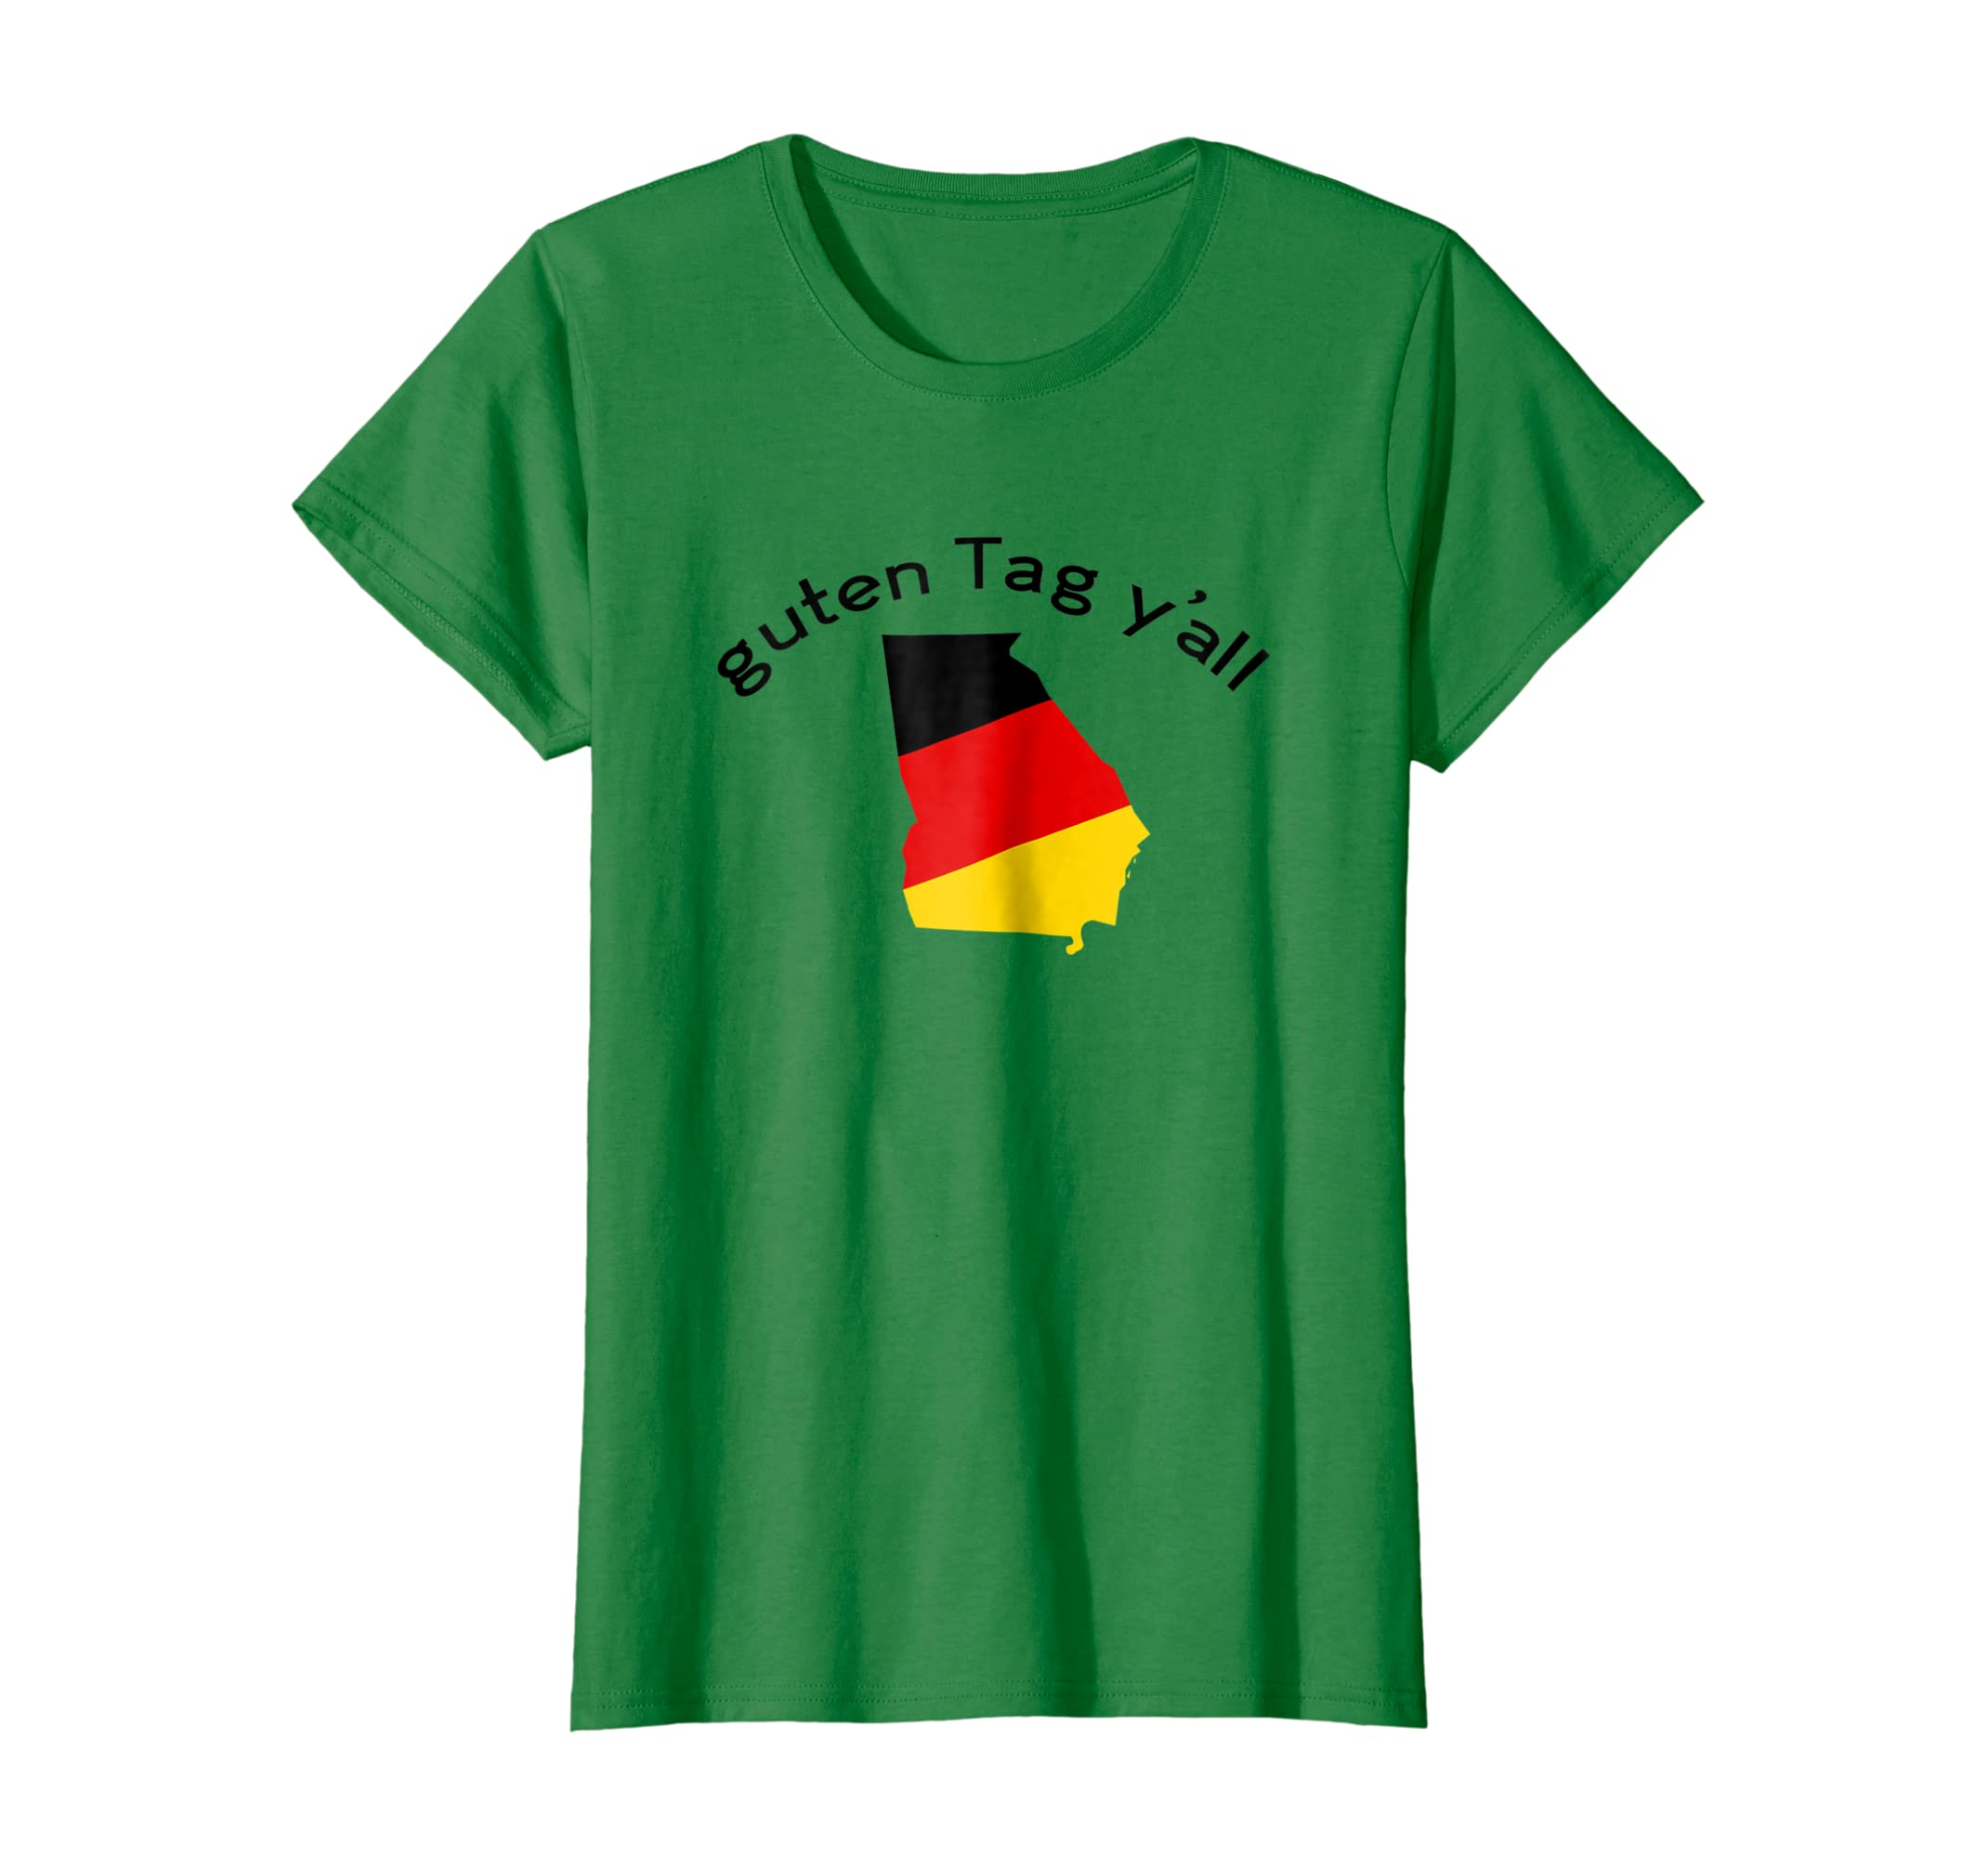 08085a87 Amazon.com: Guten Tag Y'all Helen GA Georgia Funny Oktoberfest T-Shirt:  Clothing